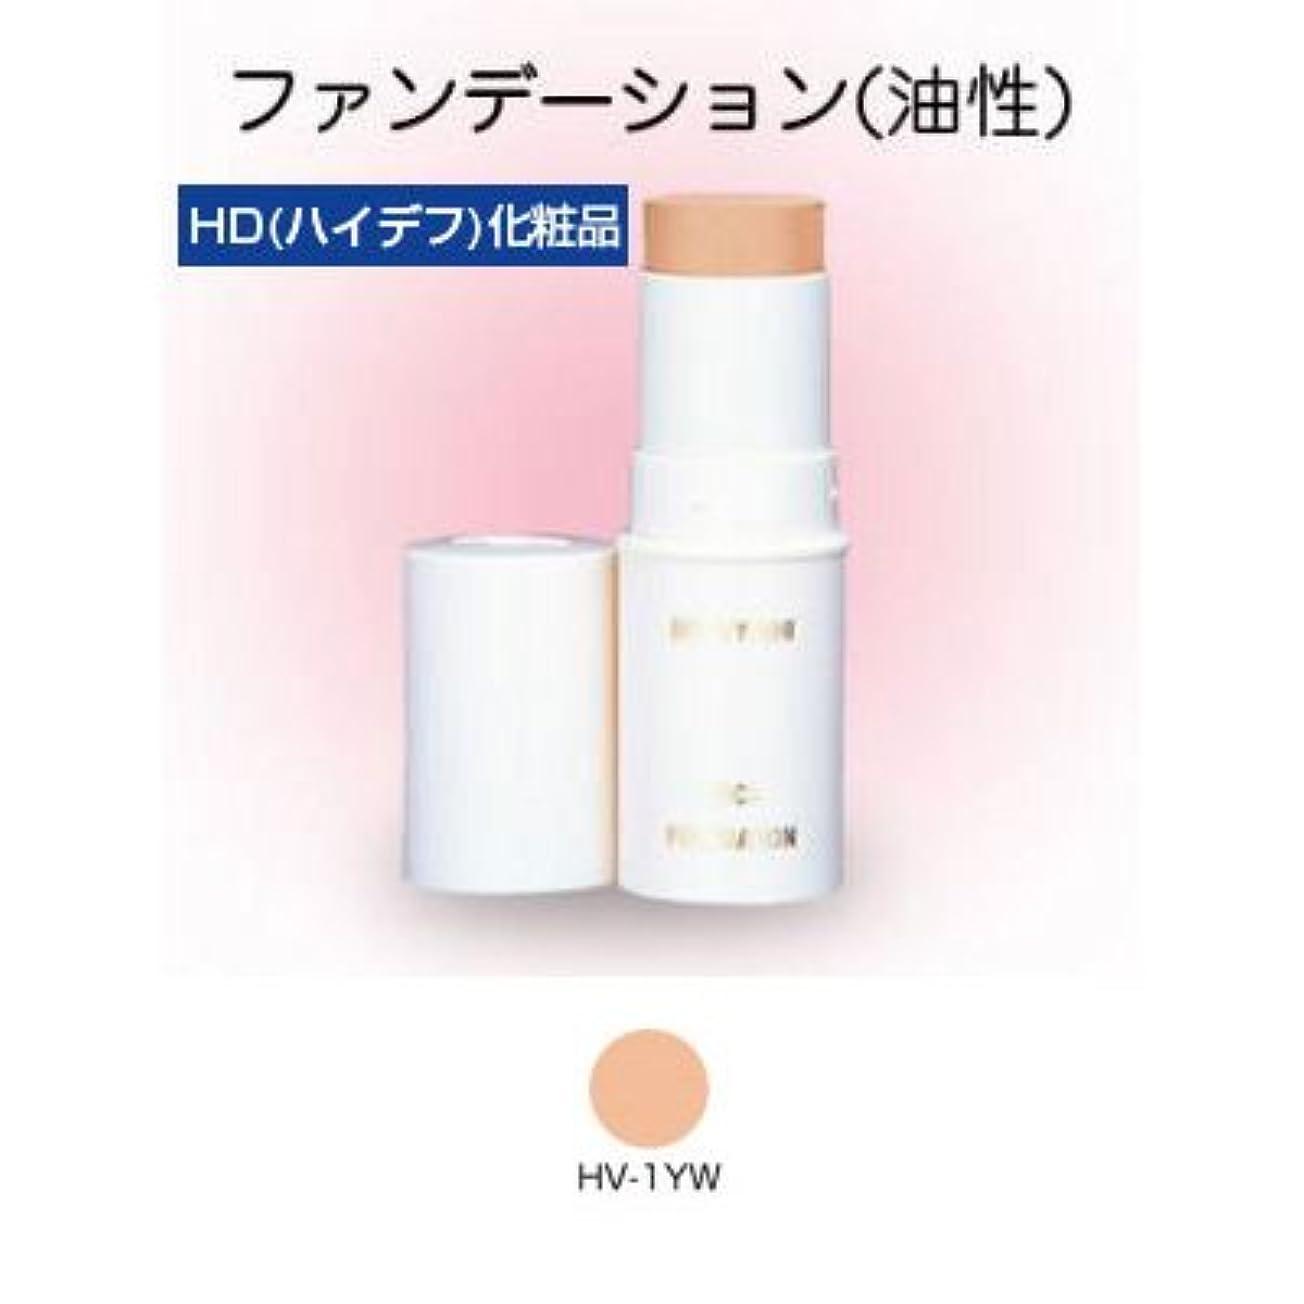 記述する草ペデスタルスティックファンデーション HD化粧品 17g 1YW 【三善】